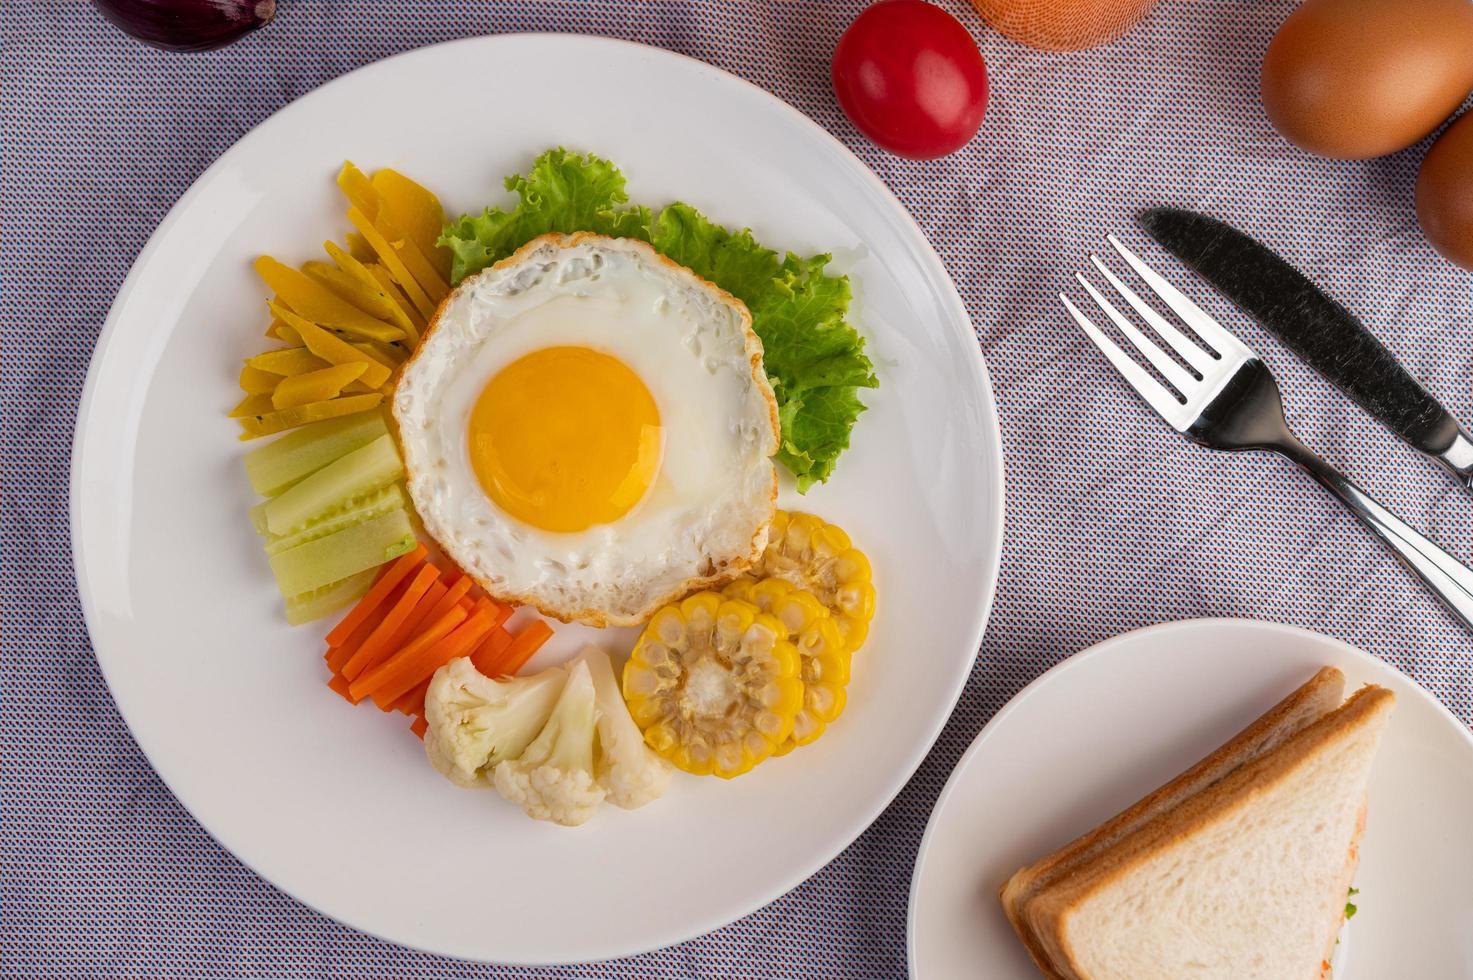 ovo frito café da manhã com ovo, salada, abóbora, pepino, cenoura e milho foto